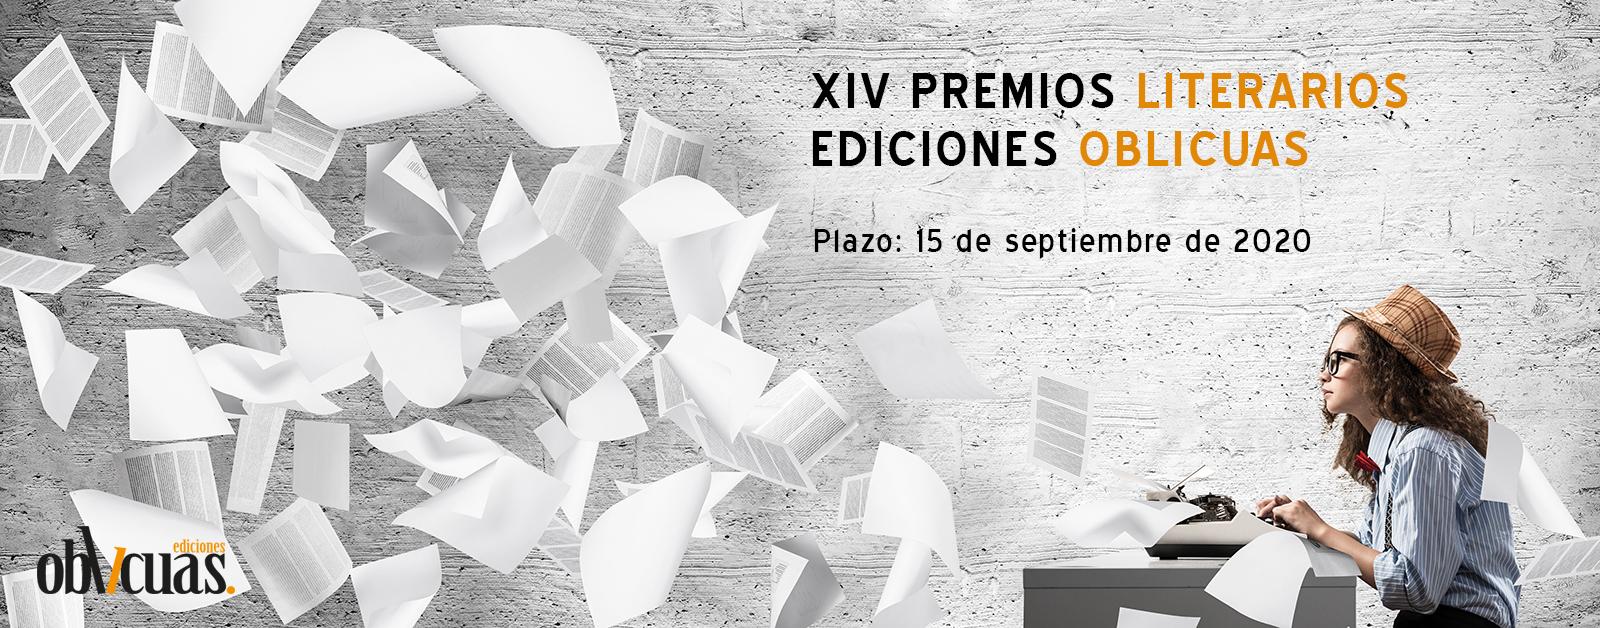 XIV Premios Literarios Ediciones Oblicuas